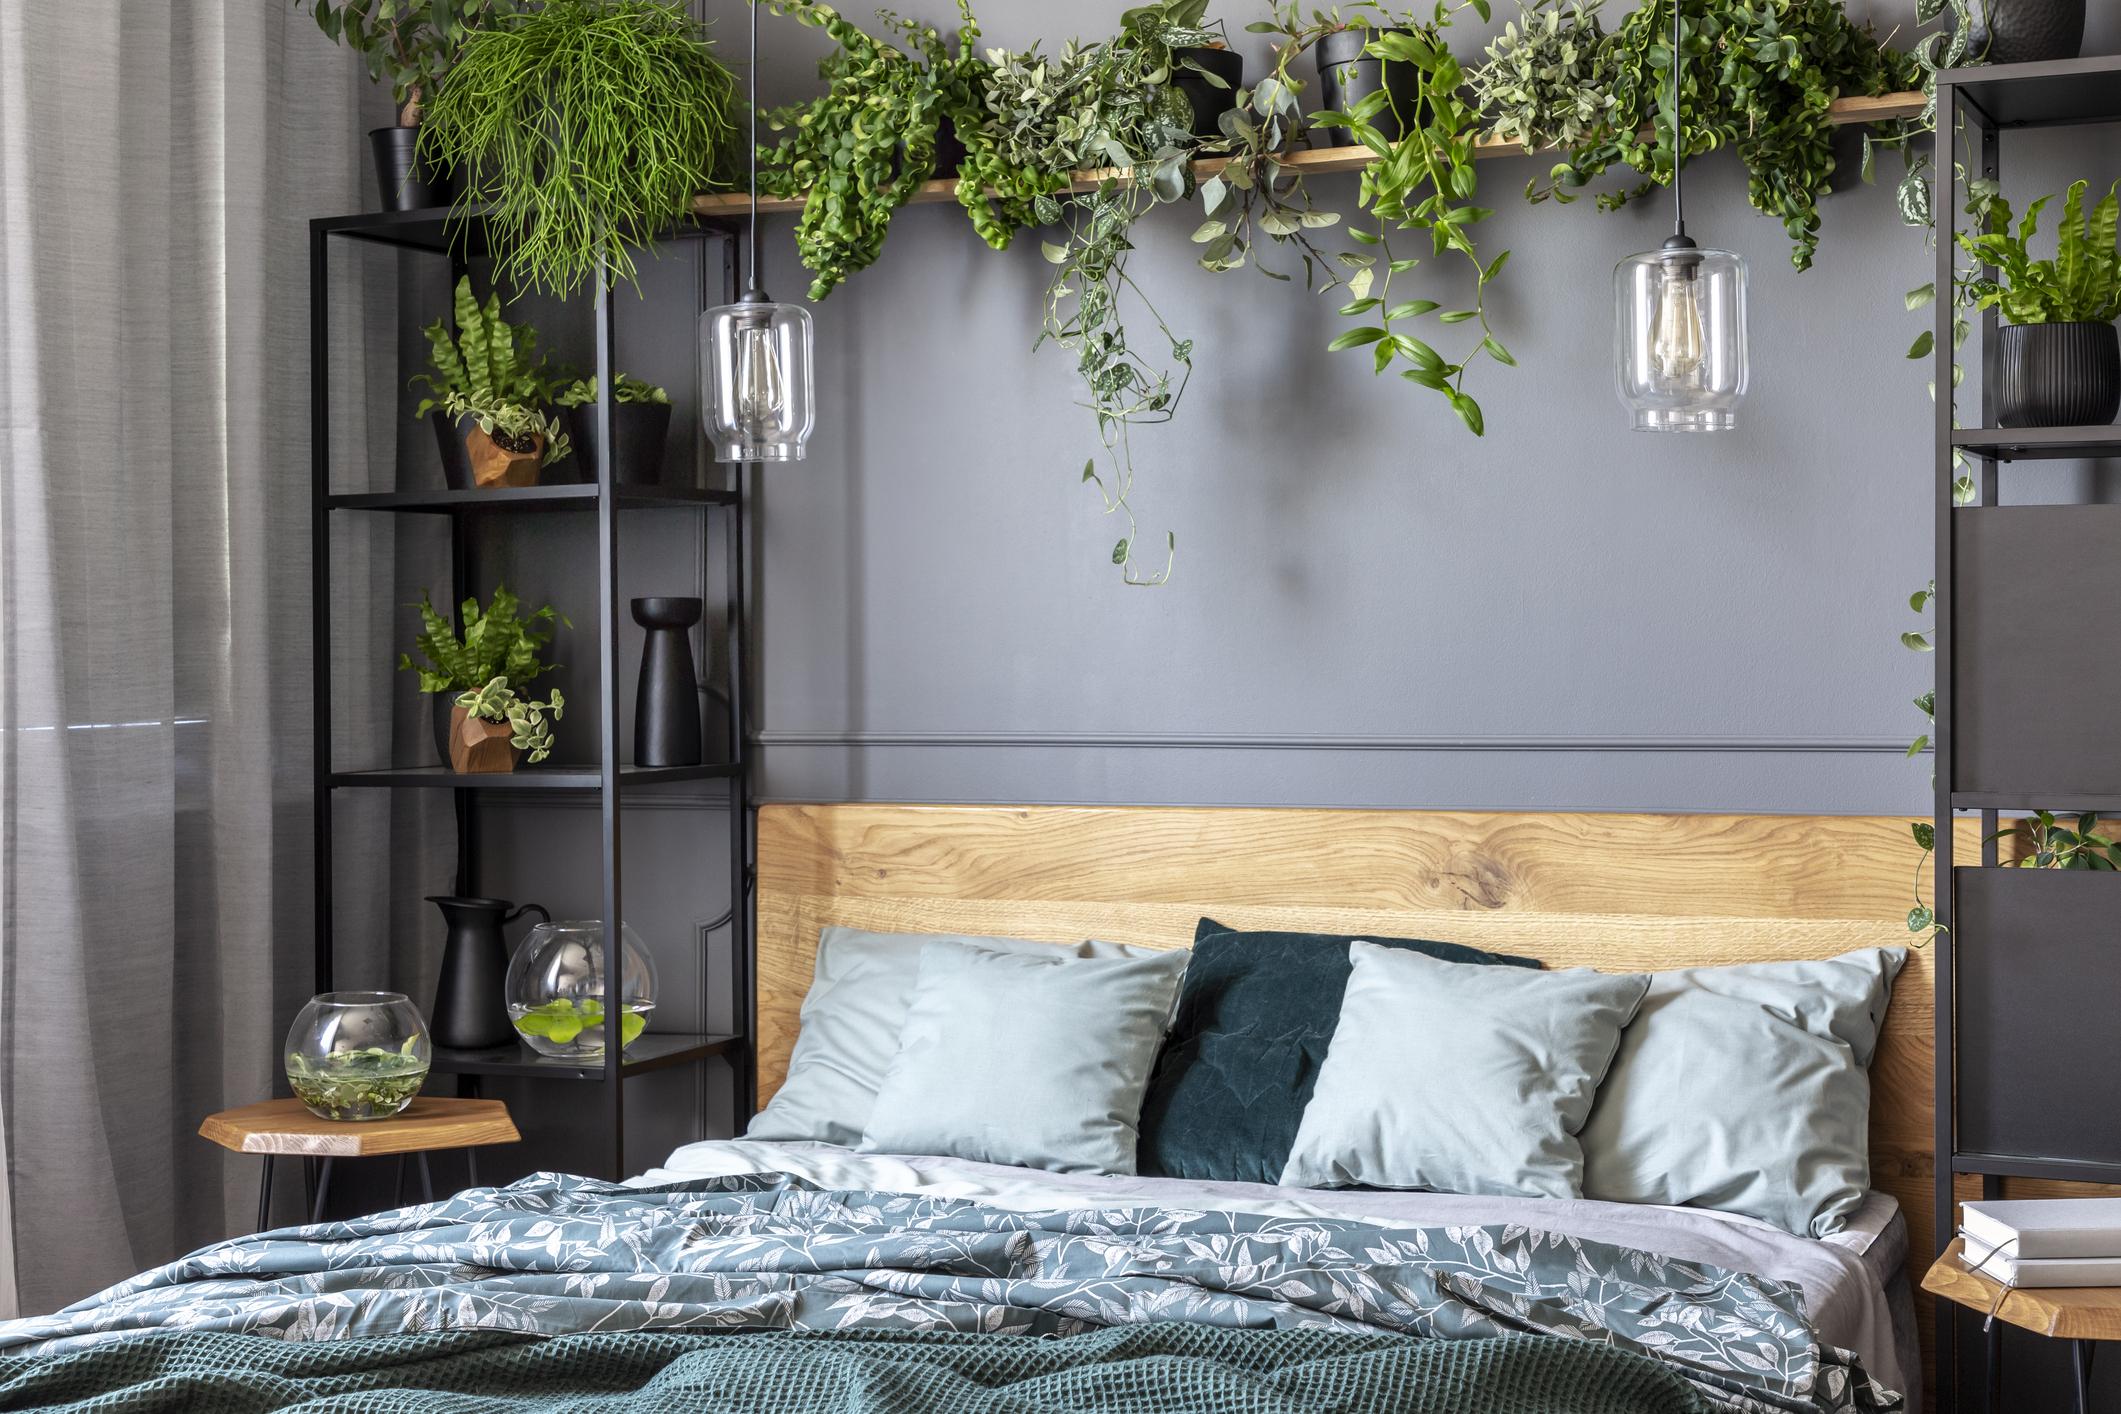 Comment Faire Un Lit Soi Meme 33 modèles de tête de lit en bois pour une déco nature